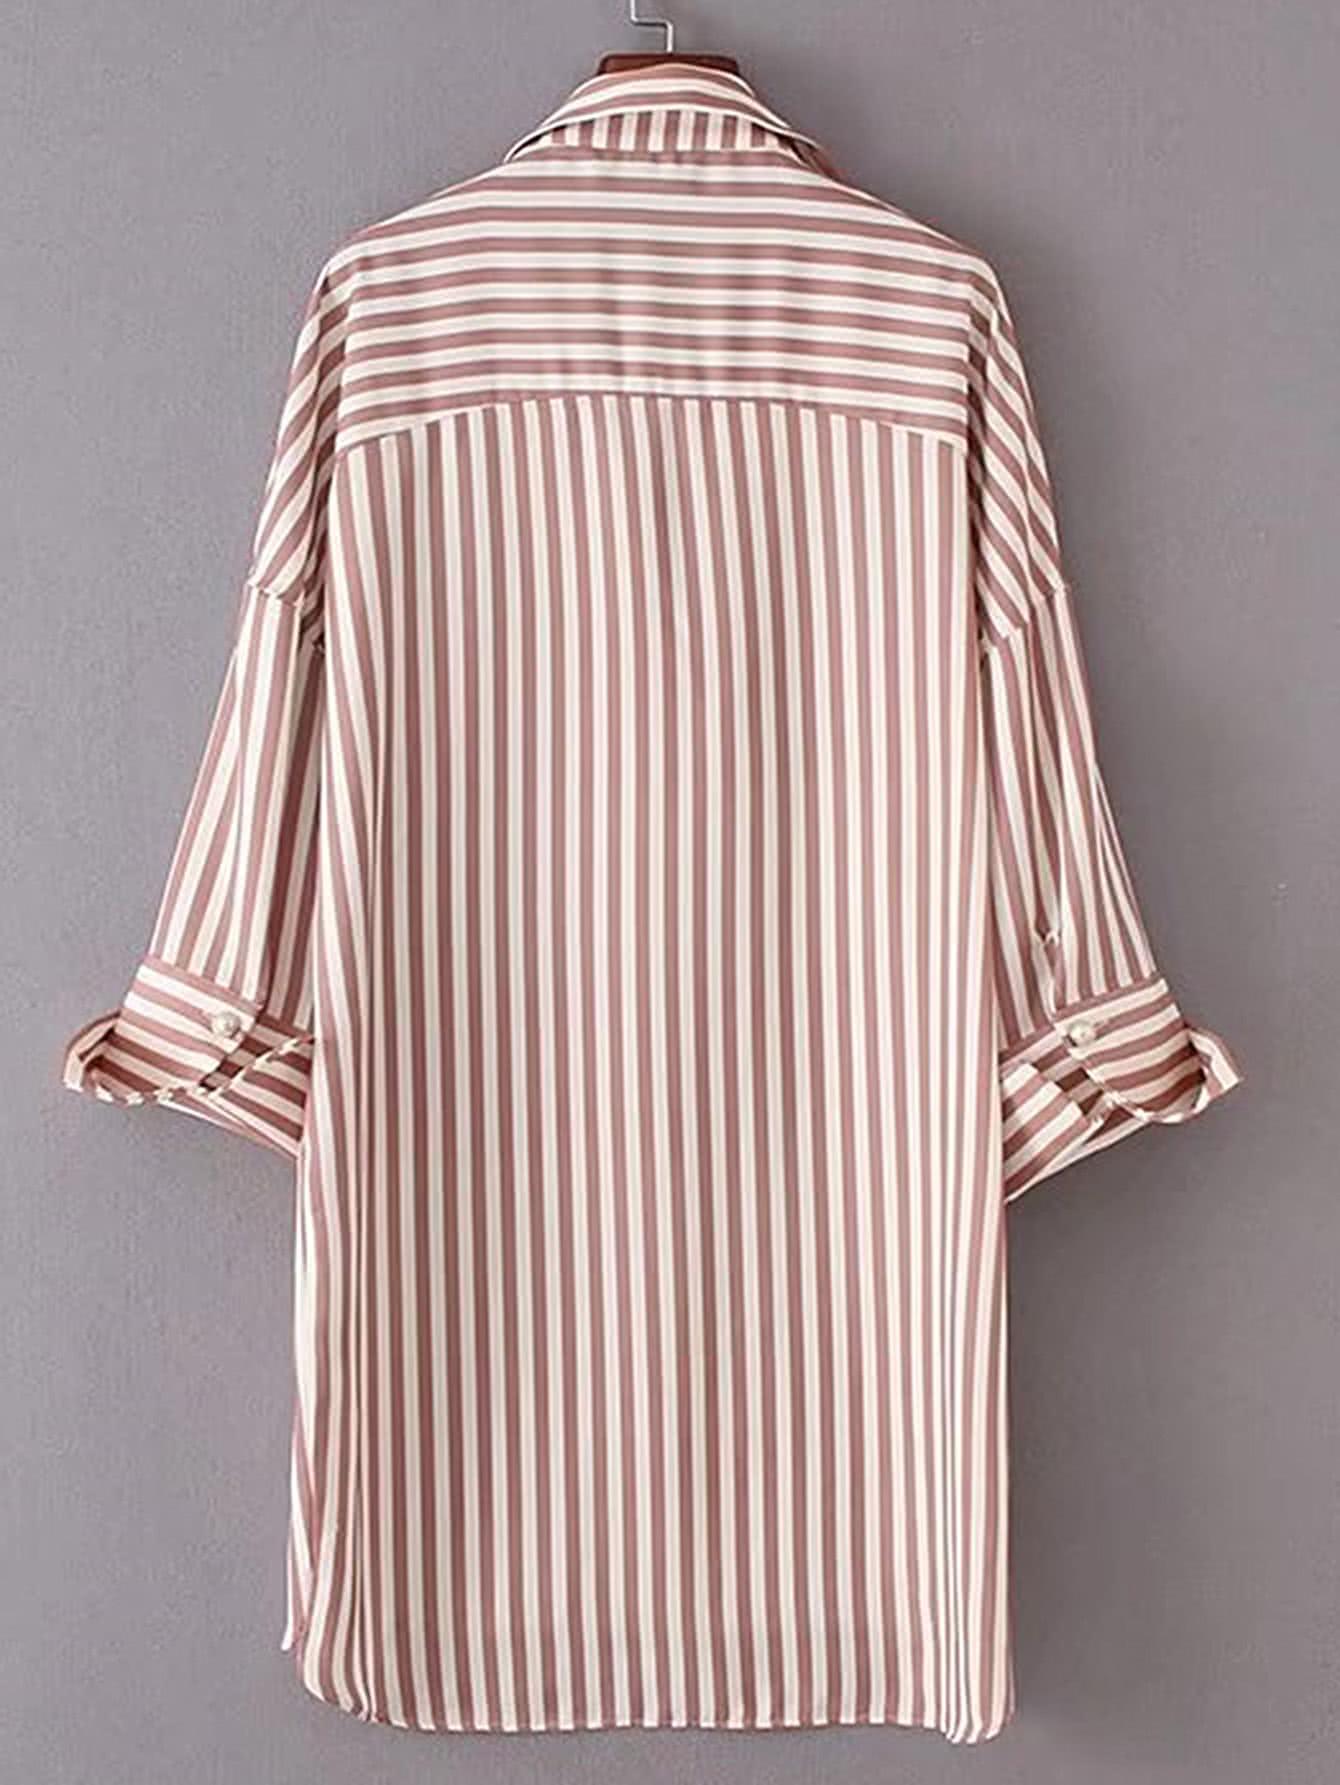 dress170524202_2